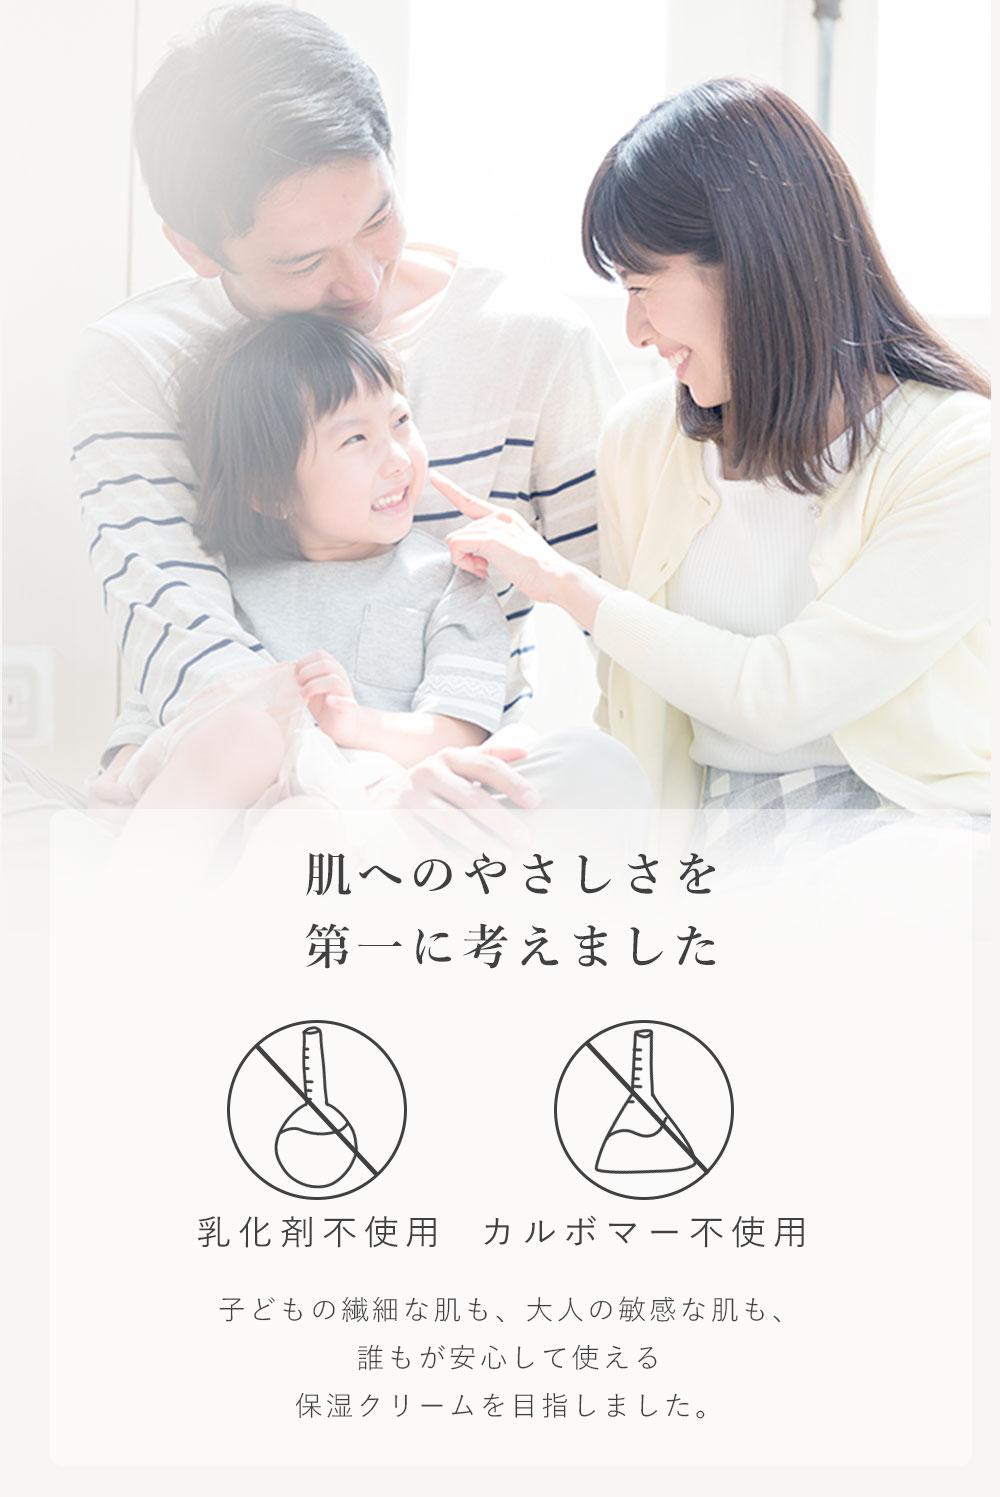 乳化剤不使用、カルボマー不使用